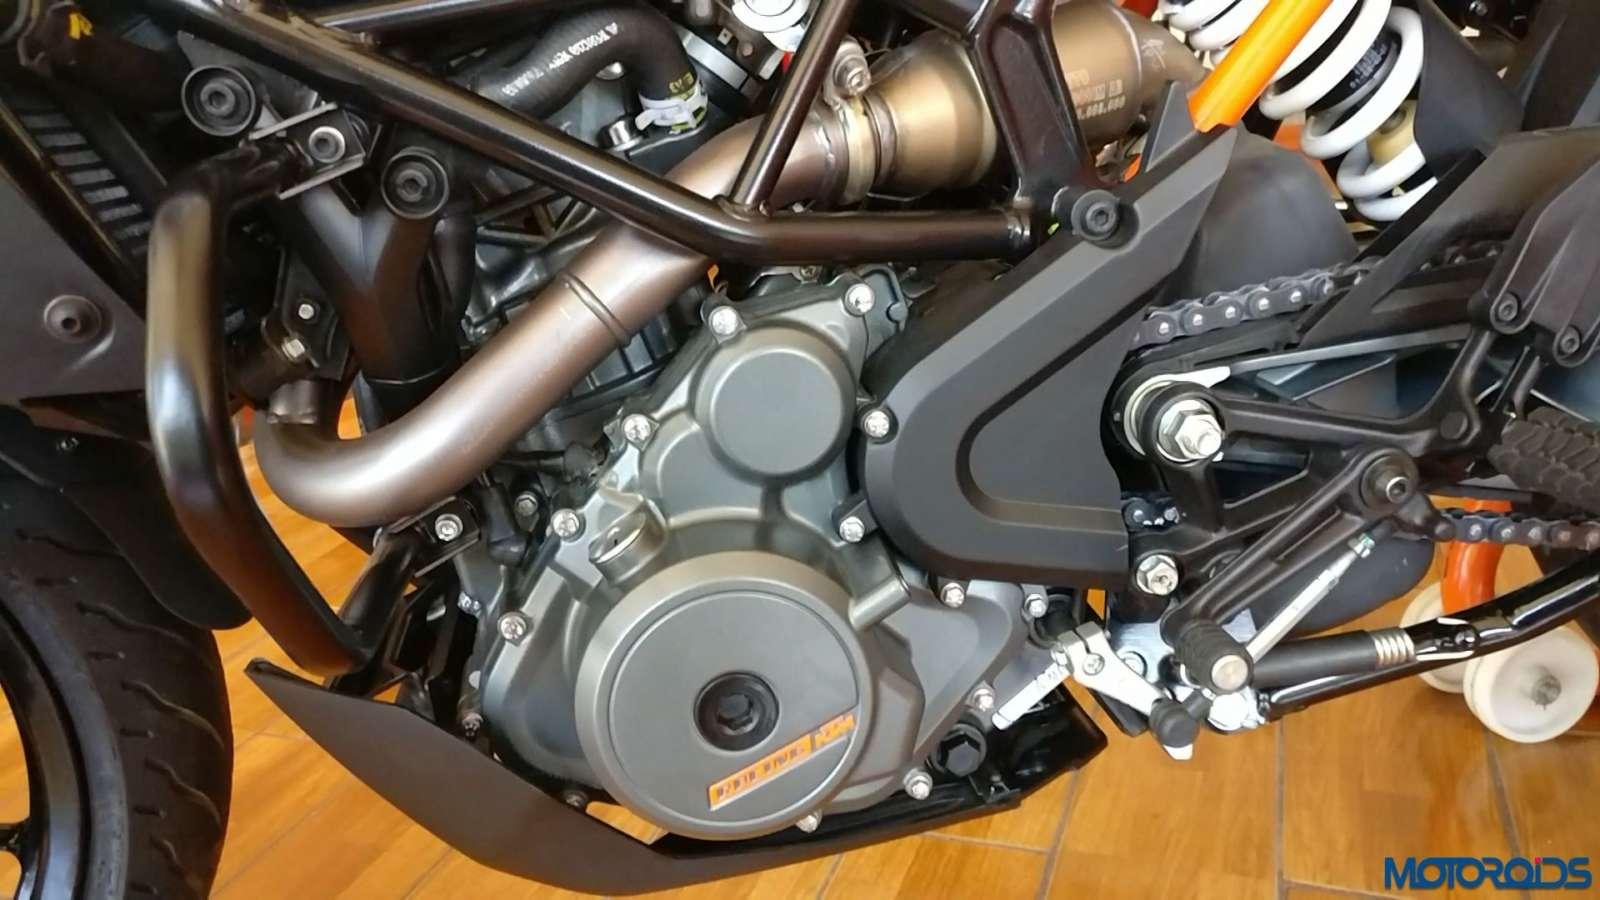 New-2017-KTM-250-Duke-26